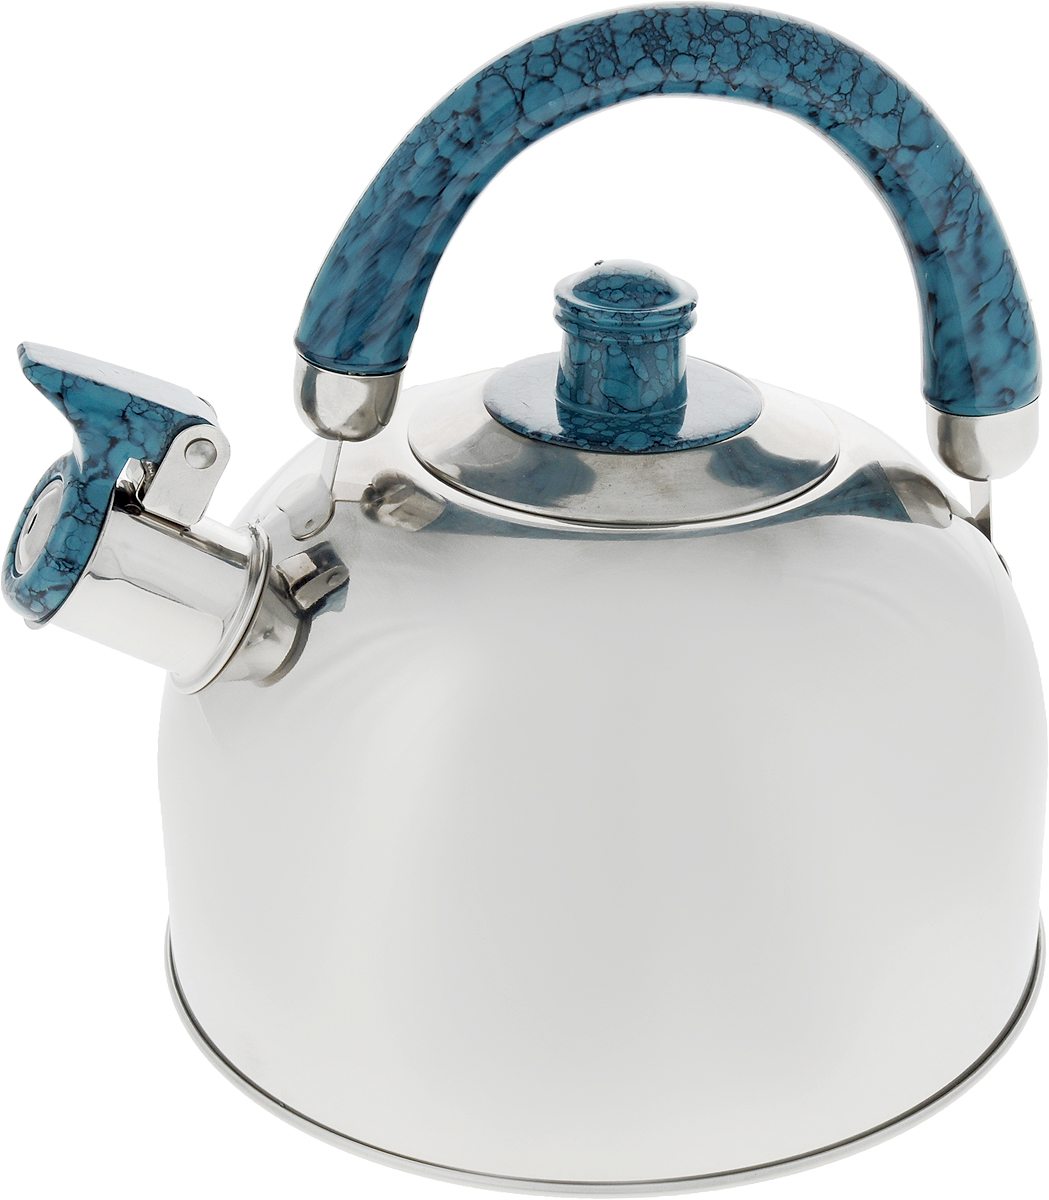 Чайник Bekker, со свистком, цвет: стальной, голубой, 2,5 л. BK-S307M чайник riess pastell со свистком цвет розовый 2 л